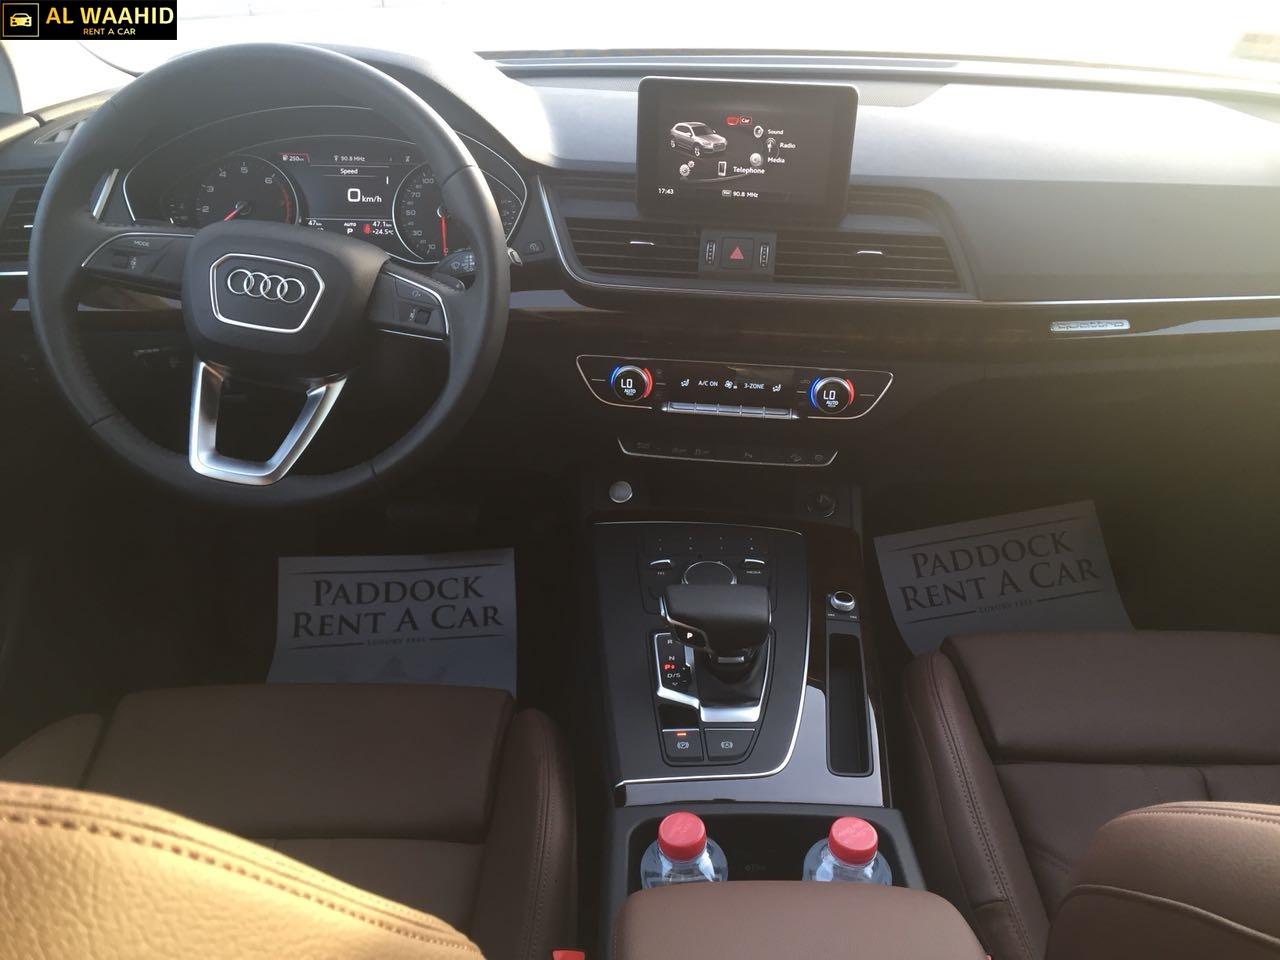 Chevrolet Tahoe 2018 luxury car rental dubai alwaahid